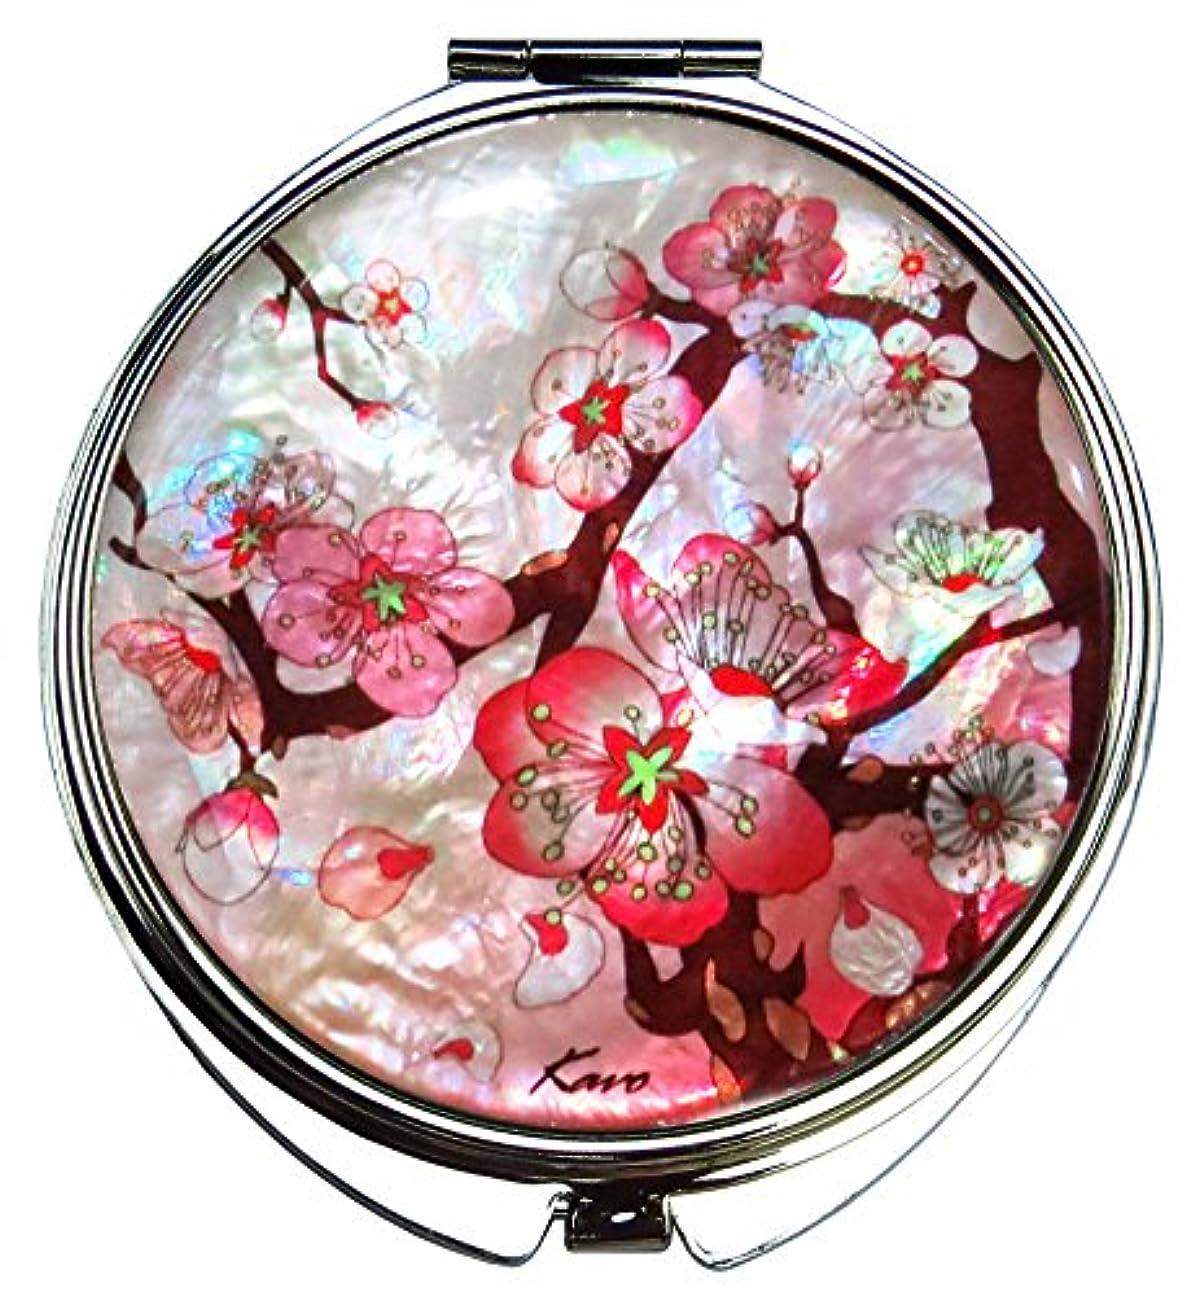 コンテンポラリー磁石ウェイトレス桜(さくら) の螺鈿(らでん)の金属デュアルコンパクトな折りたたみと拡大の化粧鏡 白灰色 [並行輸入品]